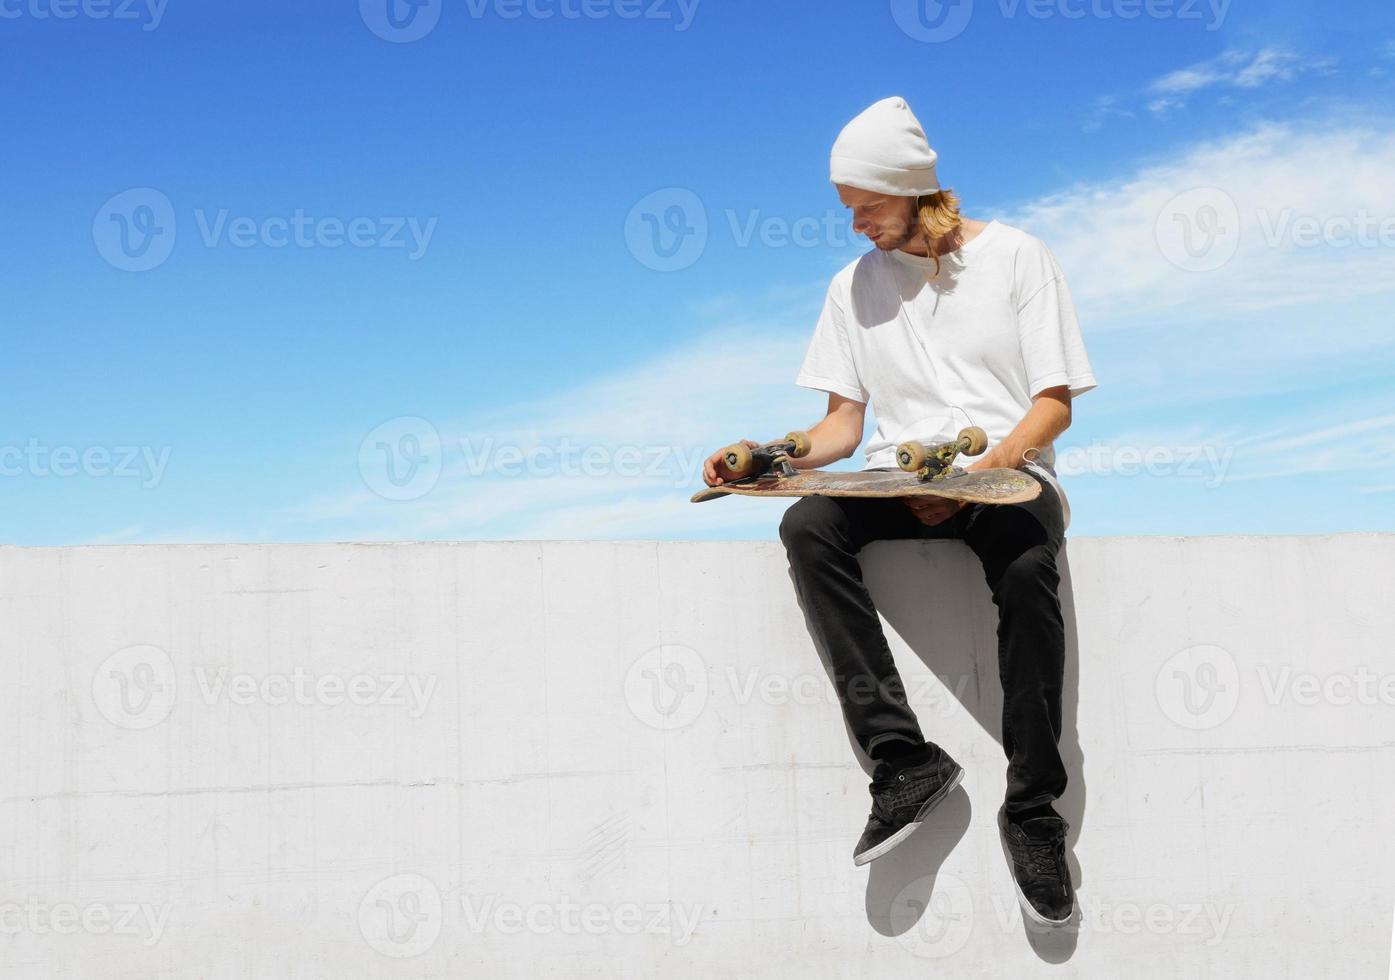 skateboarder ontspant foto